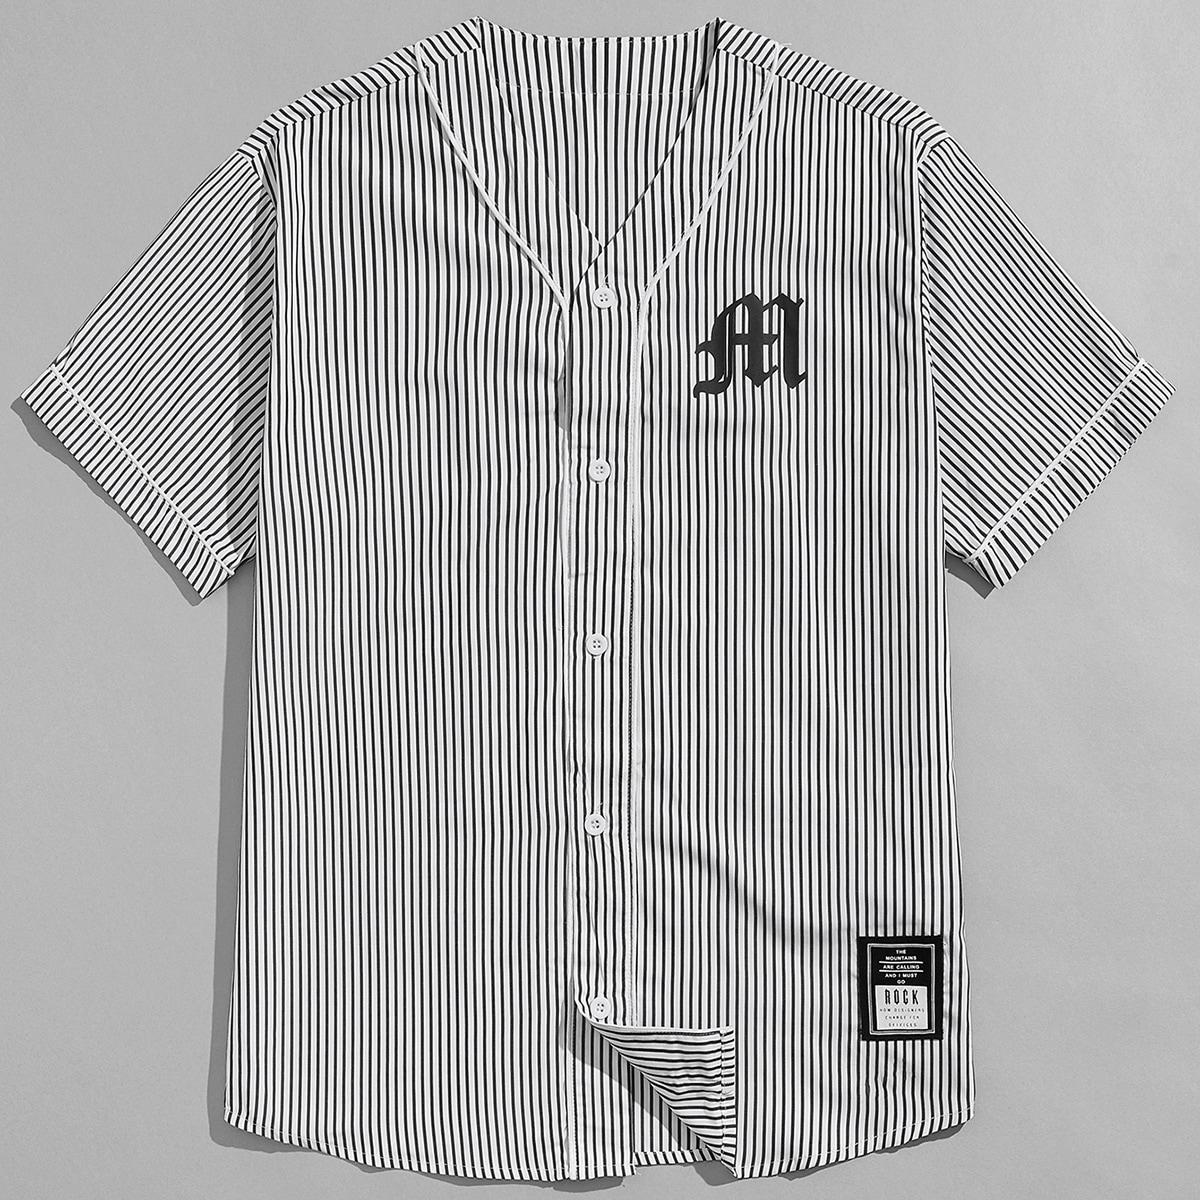 Пуговица буква Полосатый Институтский Мужские рубашки